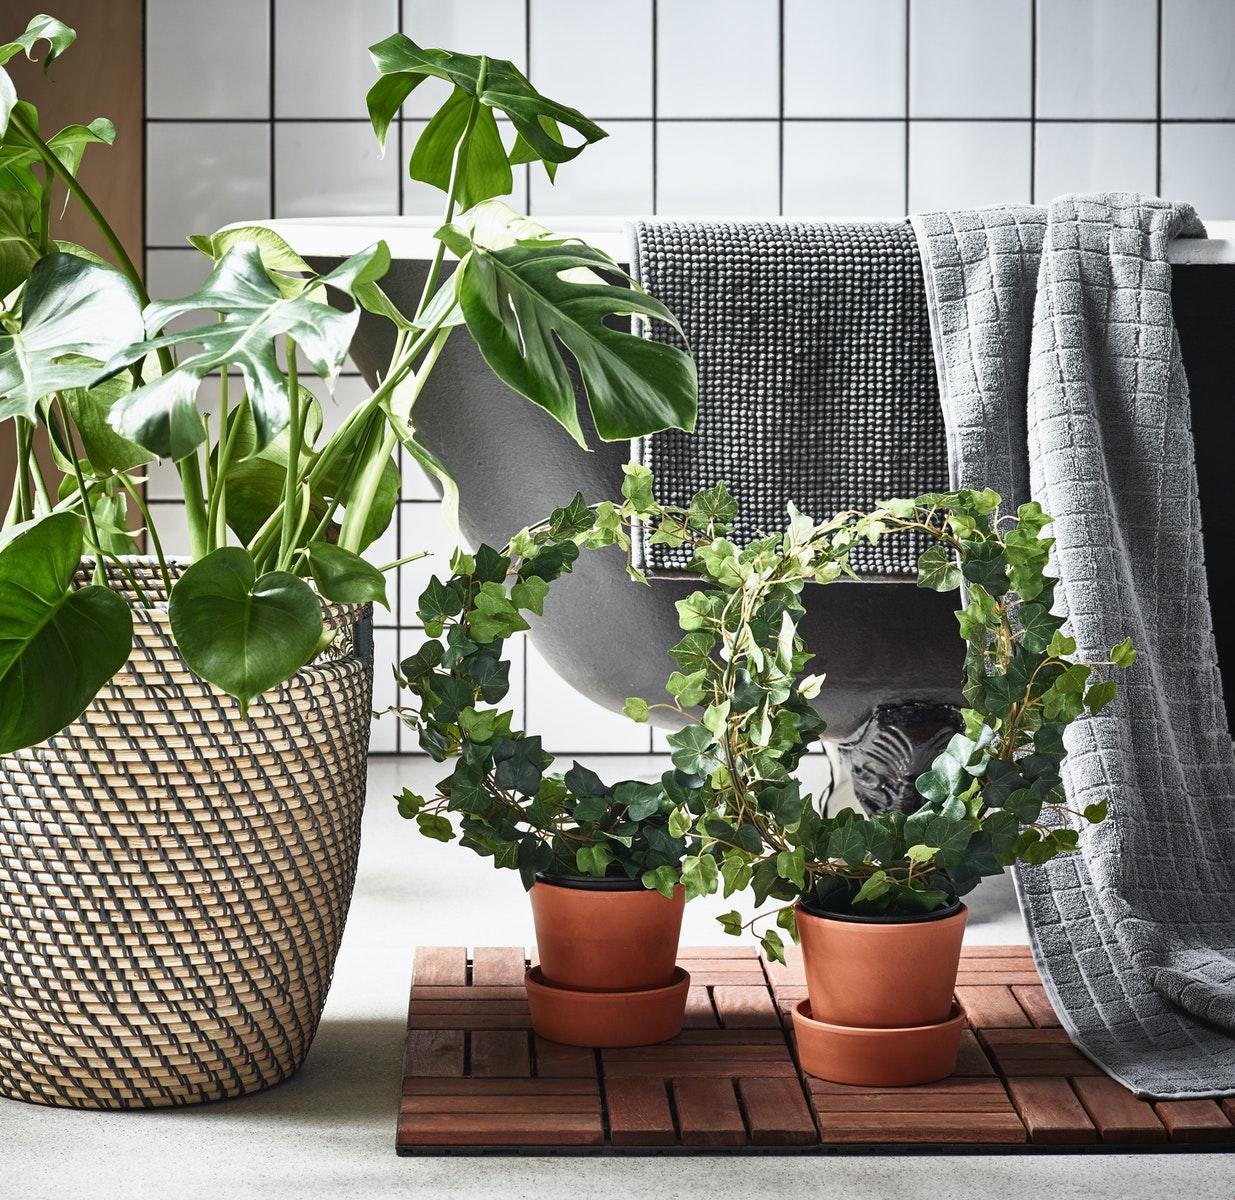 Gunakan tanaman untuk ciptakan atmosfer kamar mandi yang segar